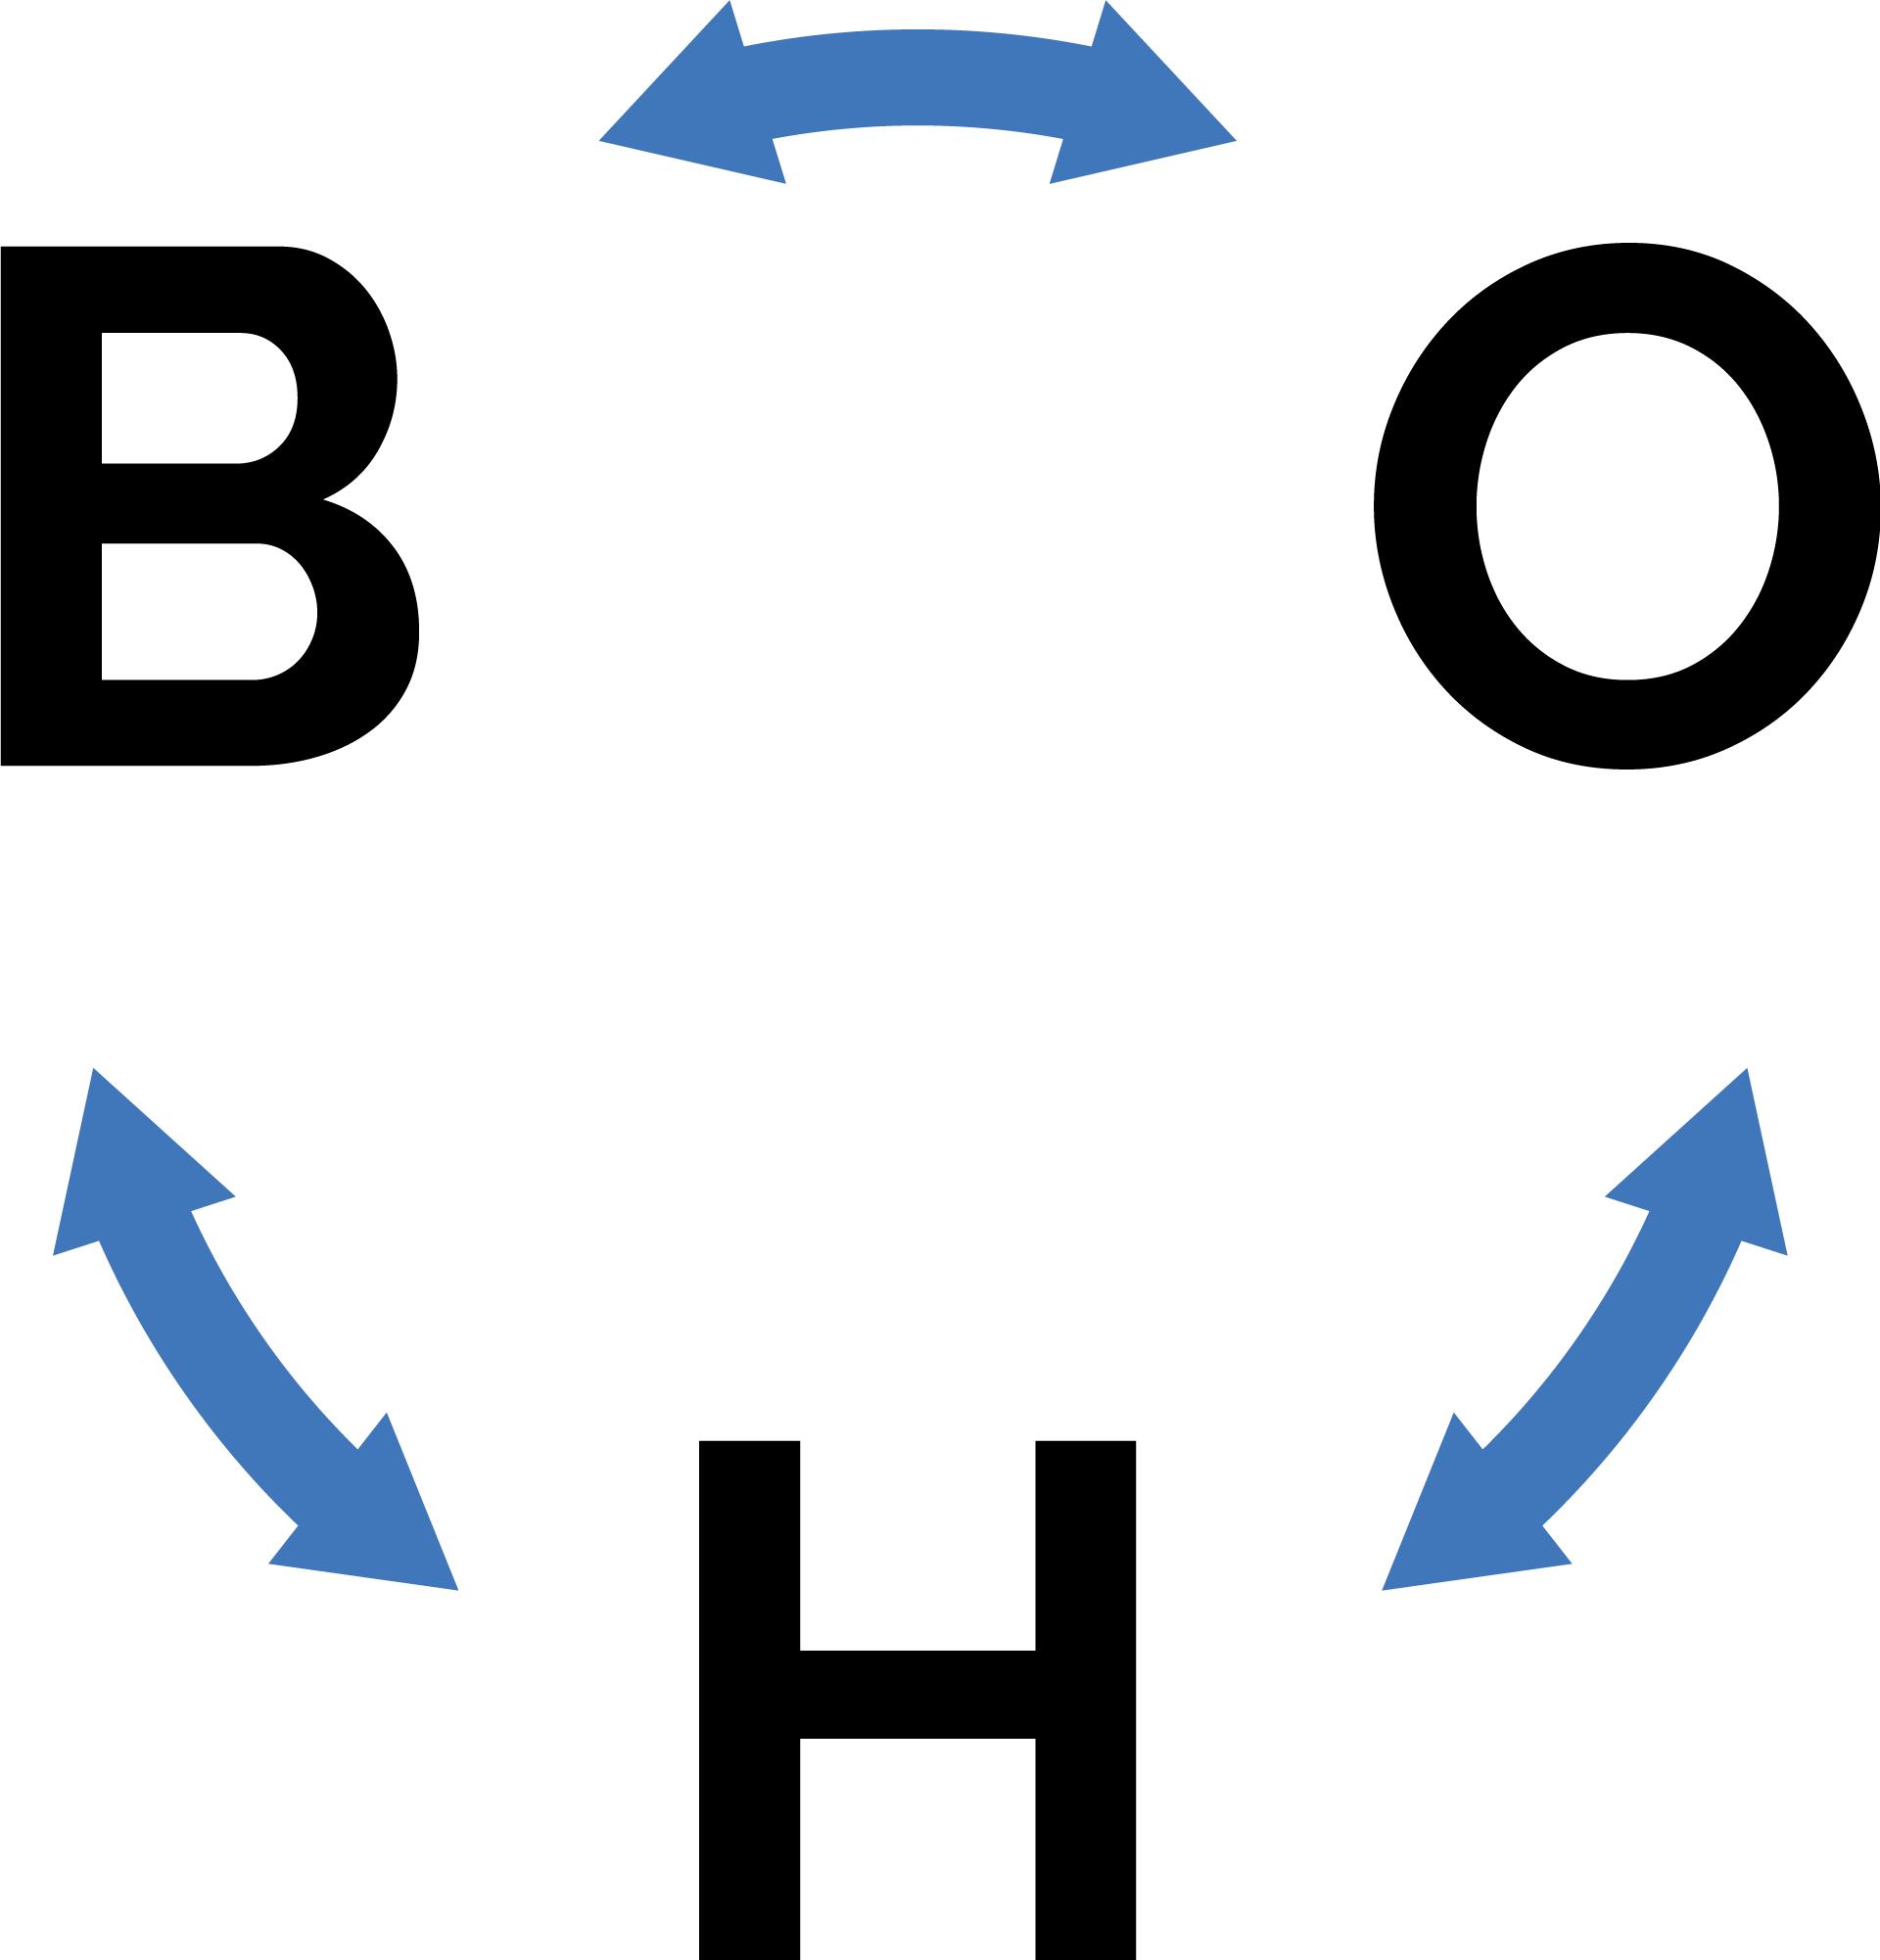 Méthode-BHO-Business-Humain-Opérationnel